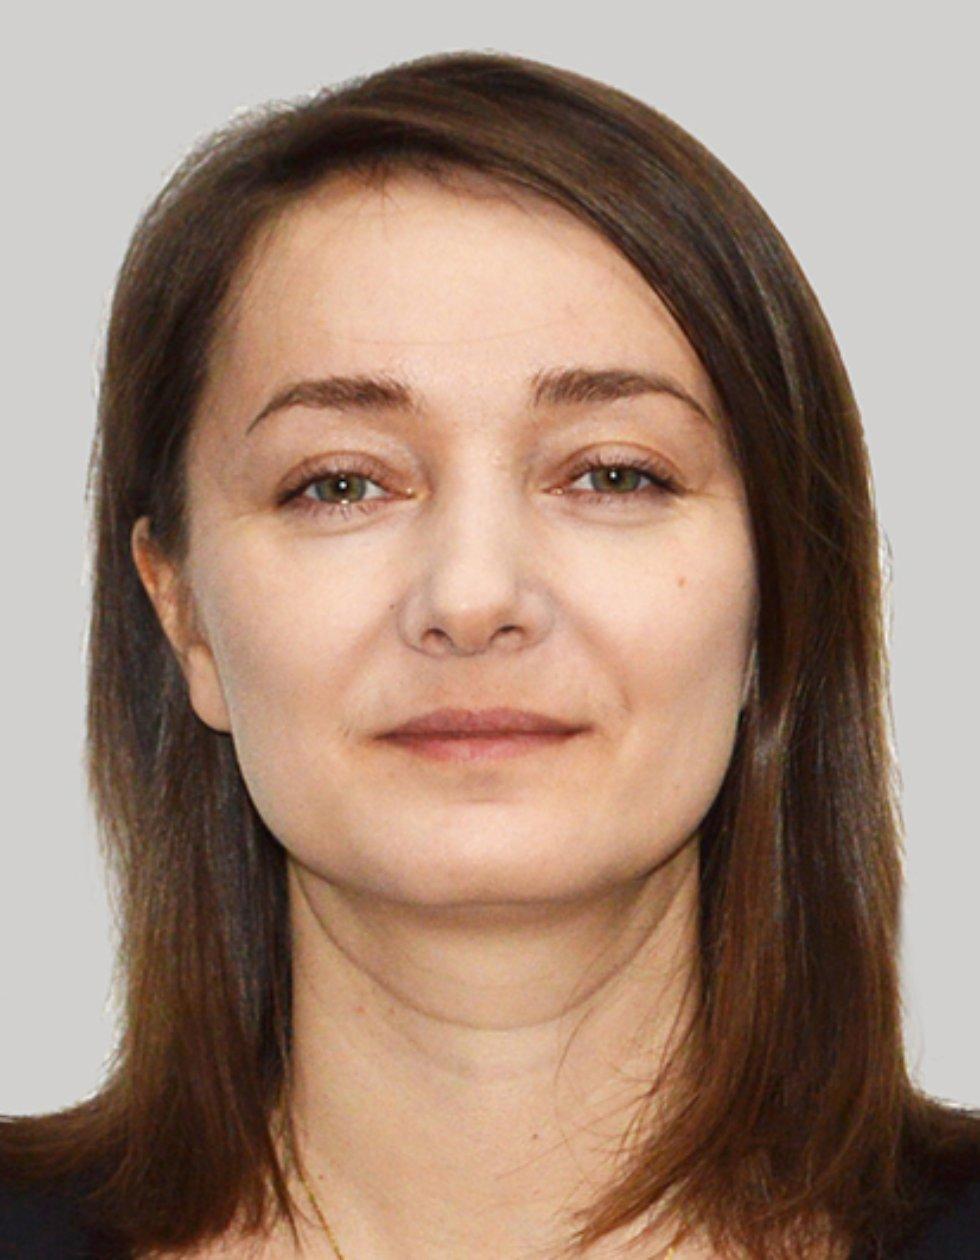 Васильева Евгения Михайловна